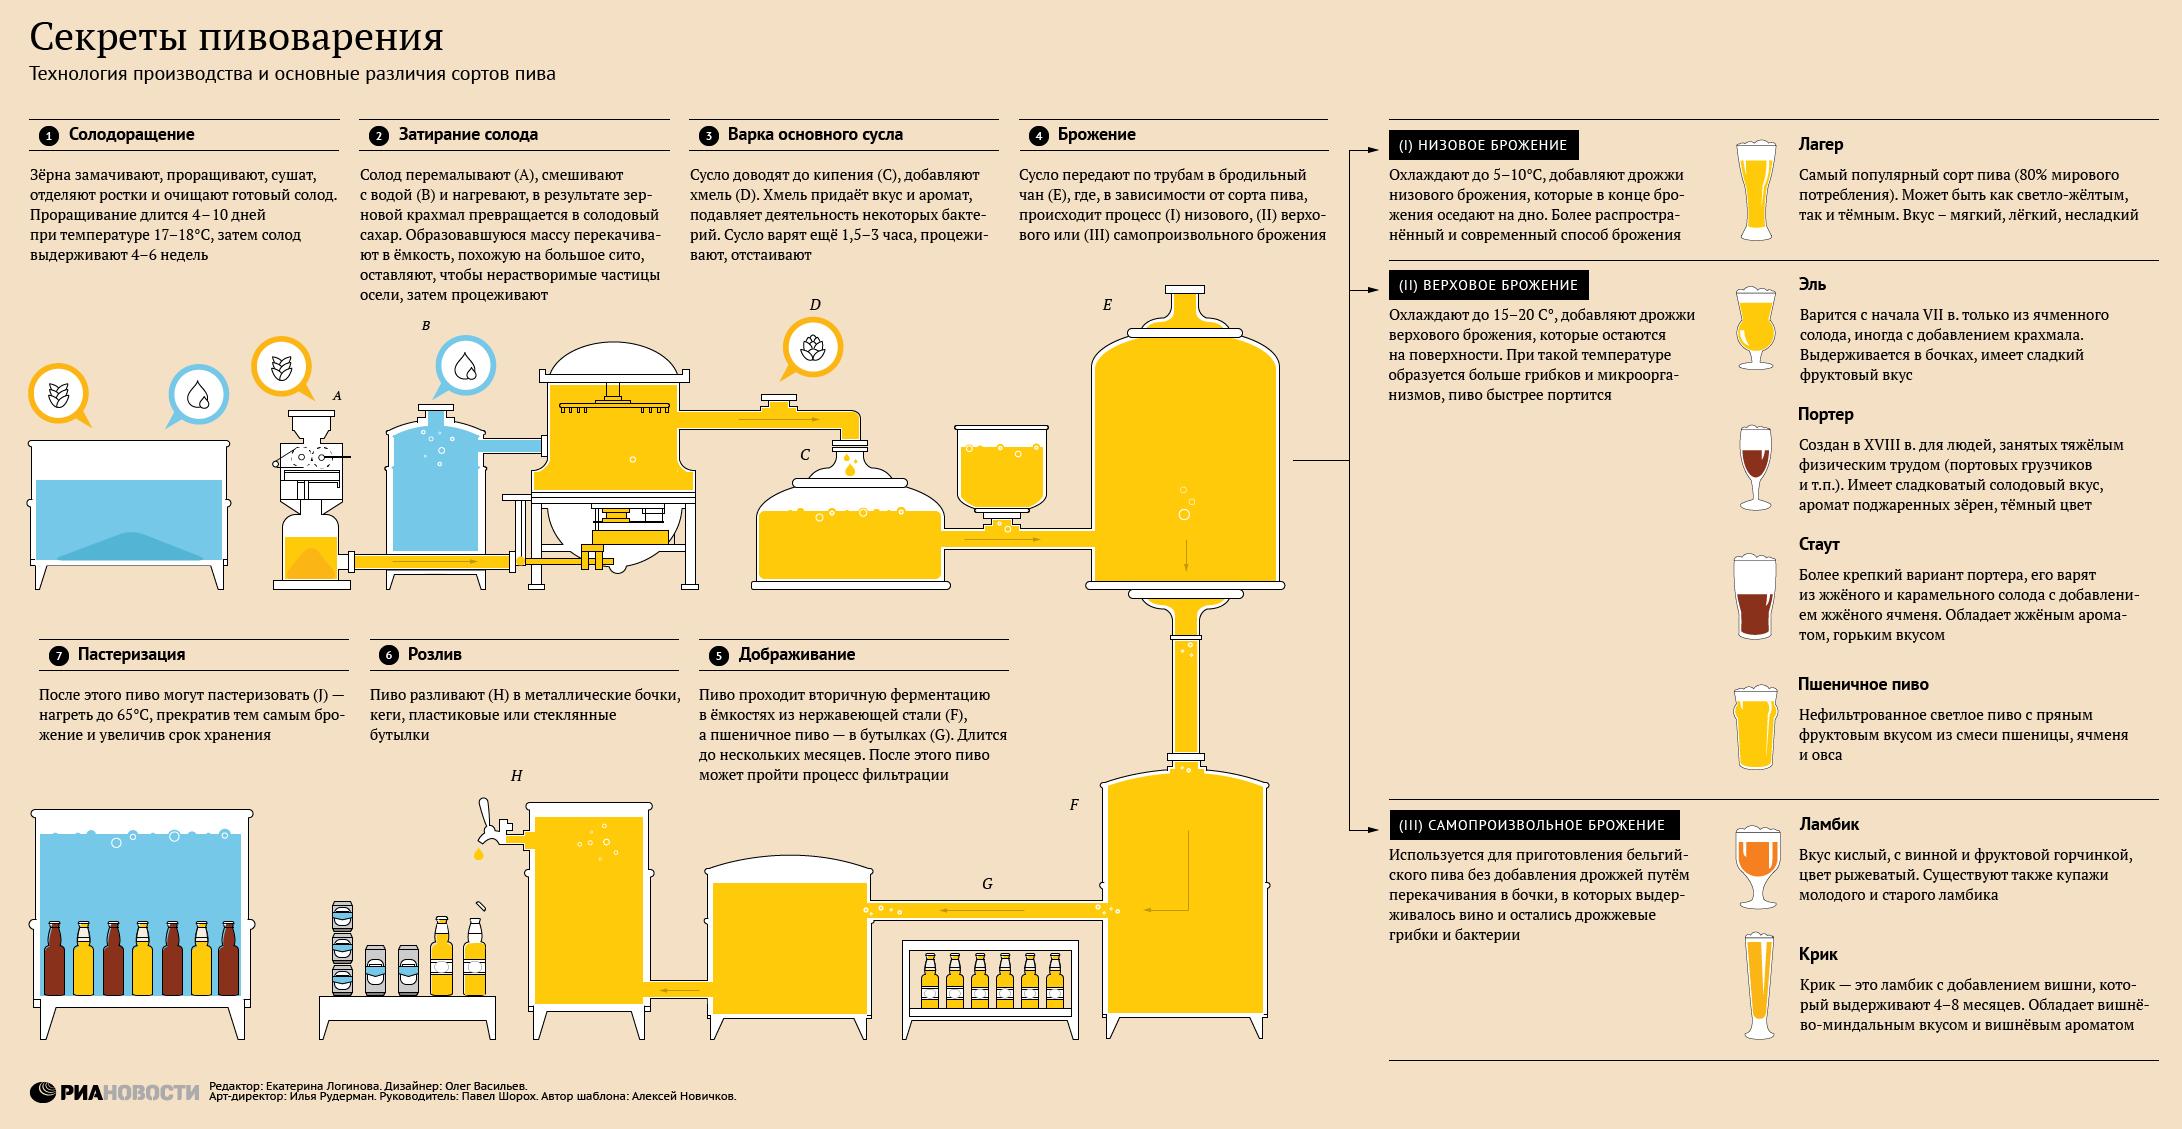 Как ускорить брожение сахарной браги: причины проблемы, методы для процесса